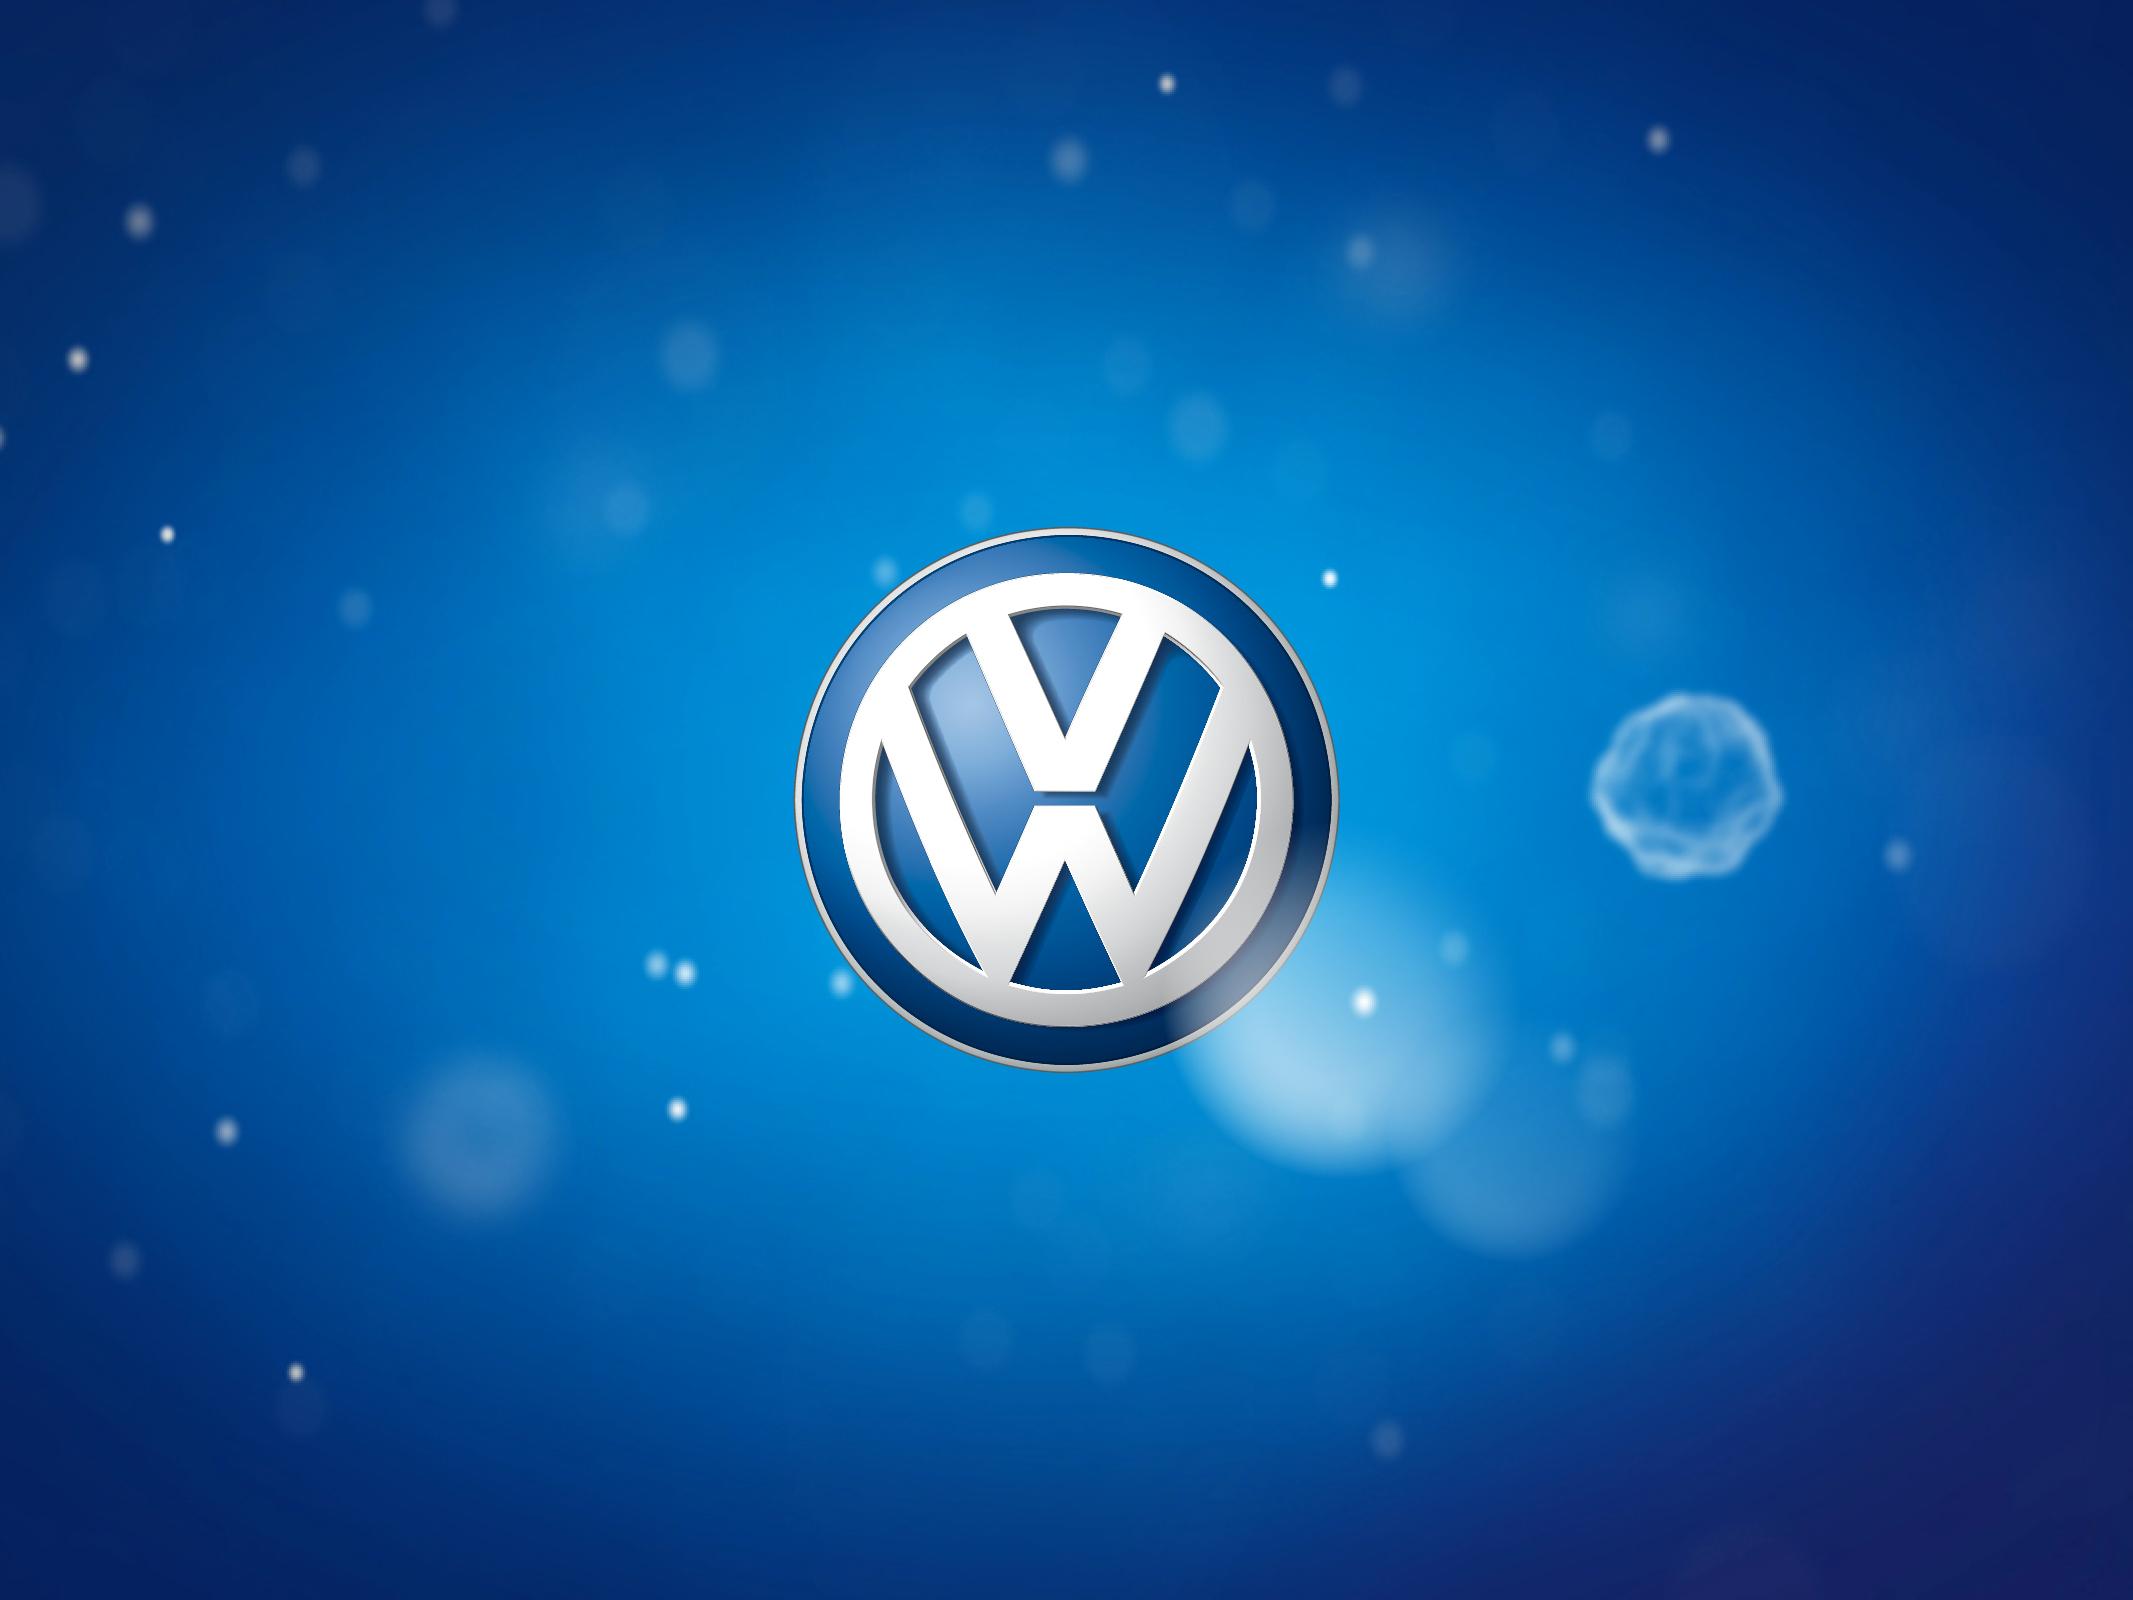 Volkswagen Brand Code